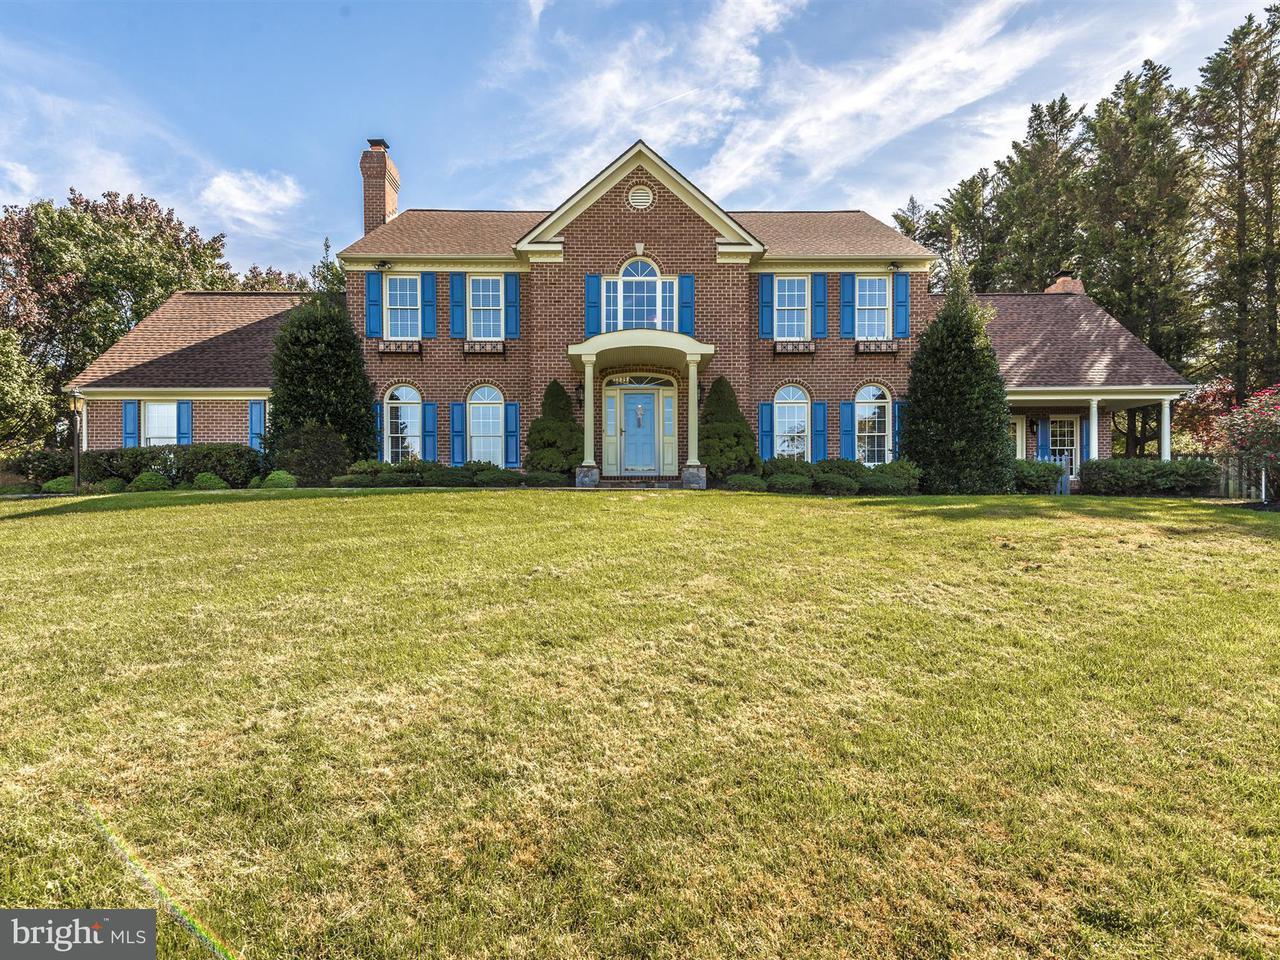 Частный односемейный дом для того Продажа на 11703 Glenwood Court 11703 Glenwood Court Ijamsville, Мэриленд 21754 Соединенные Штаты